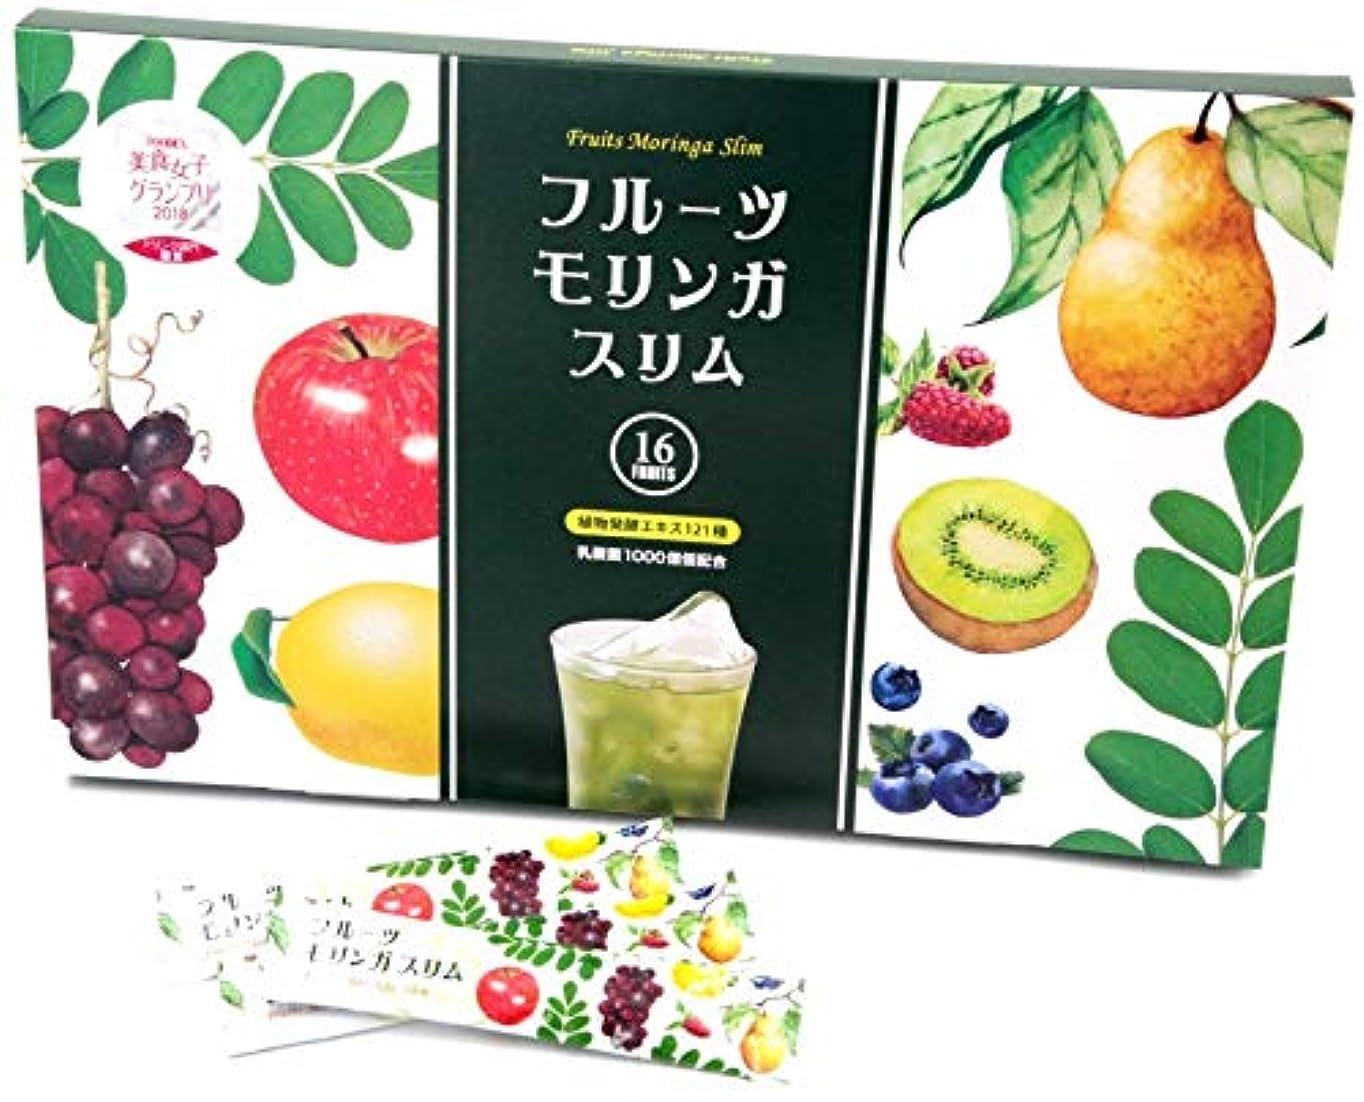 に渡って解釈するアルカトラズ島フルーツ モリンガ 美容 健康 栄養 食習慣 ボディメイク 国産品 (1箱/3g×30包+シェーカー)